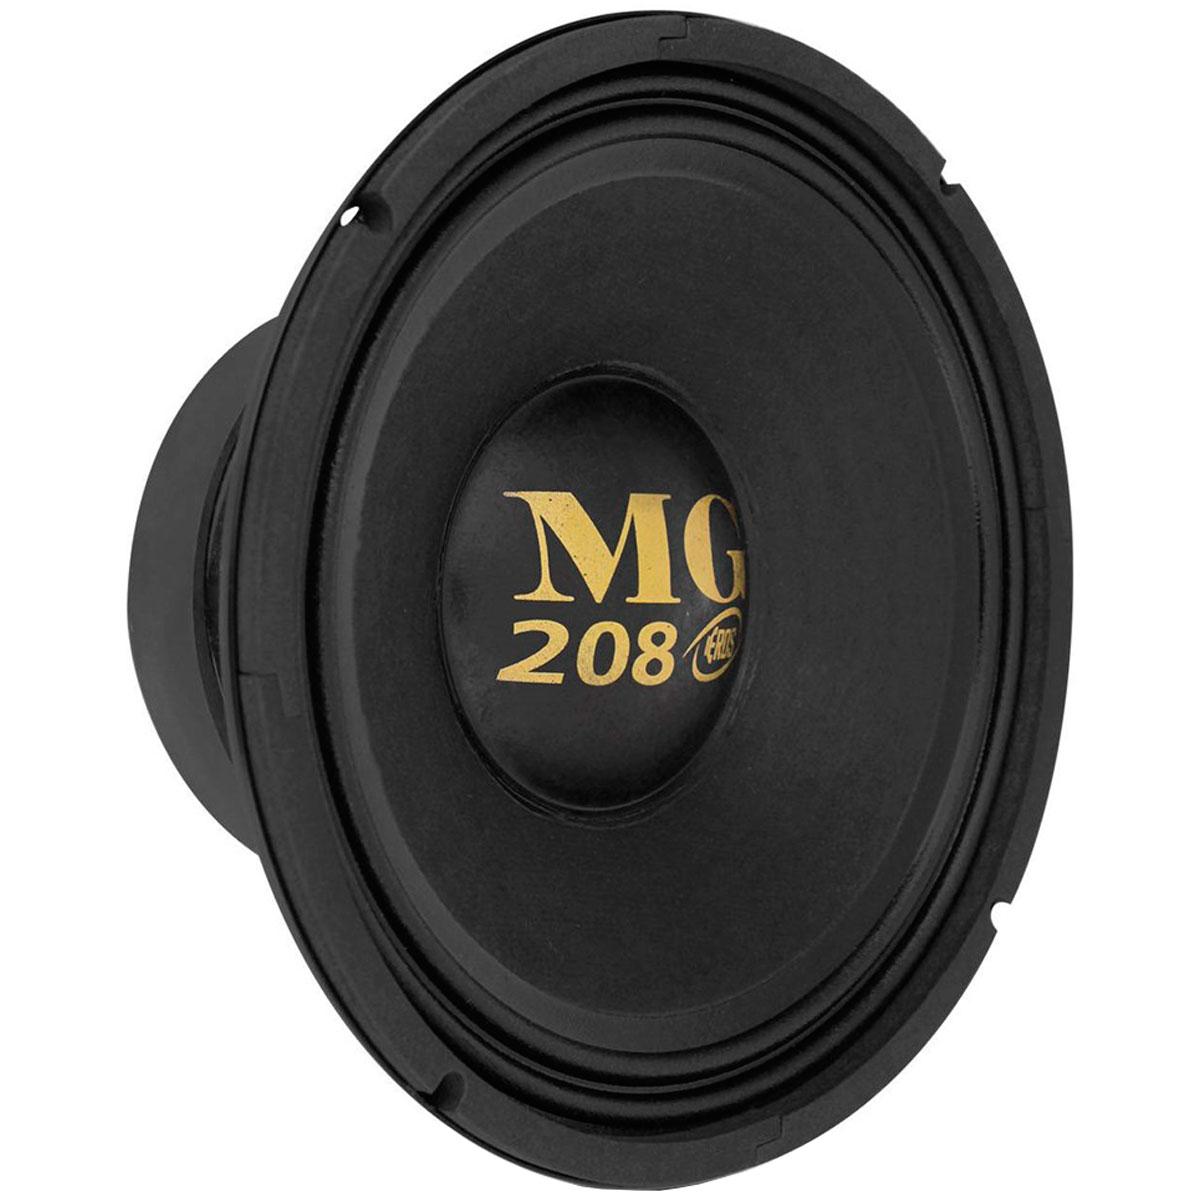 E208MG4 - Alto Falante 8 Polegadas 200W E 208 MG 4 - Eros